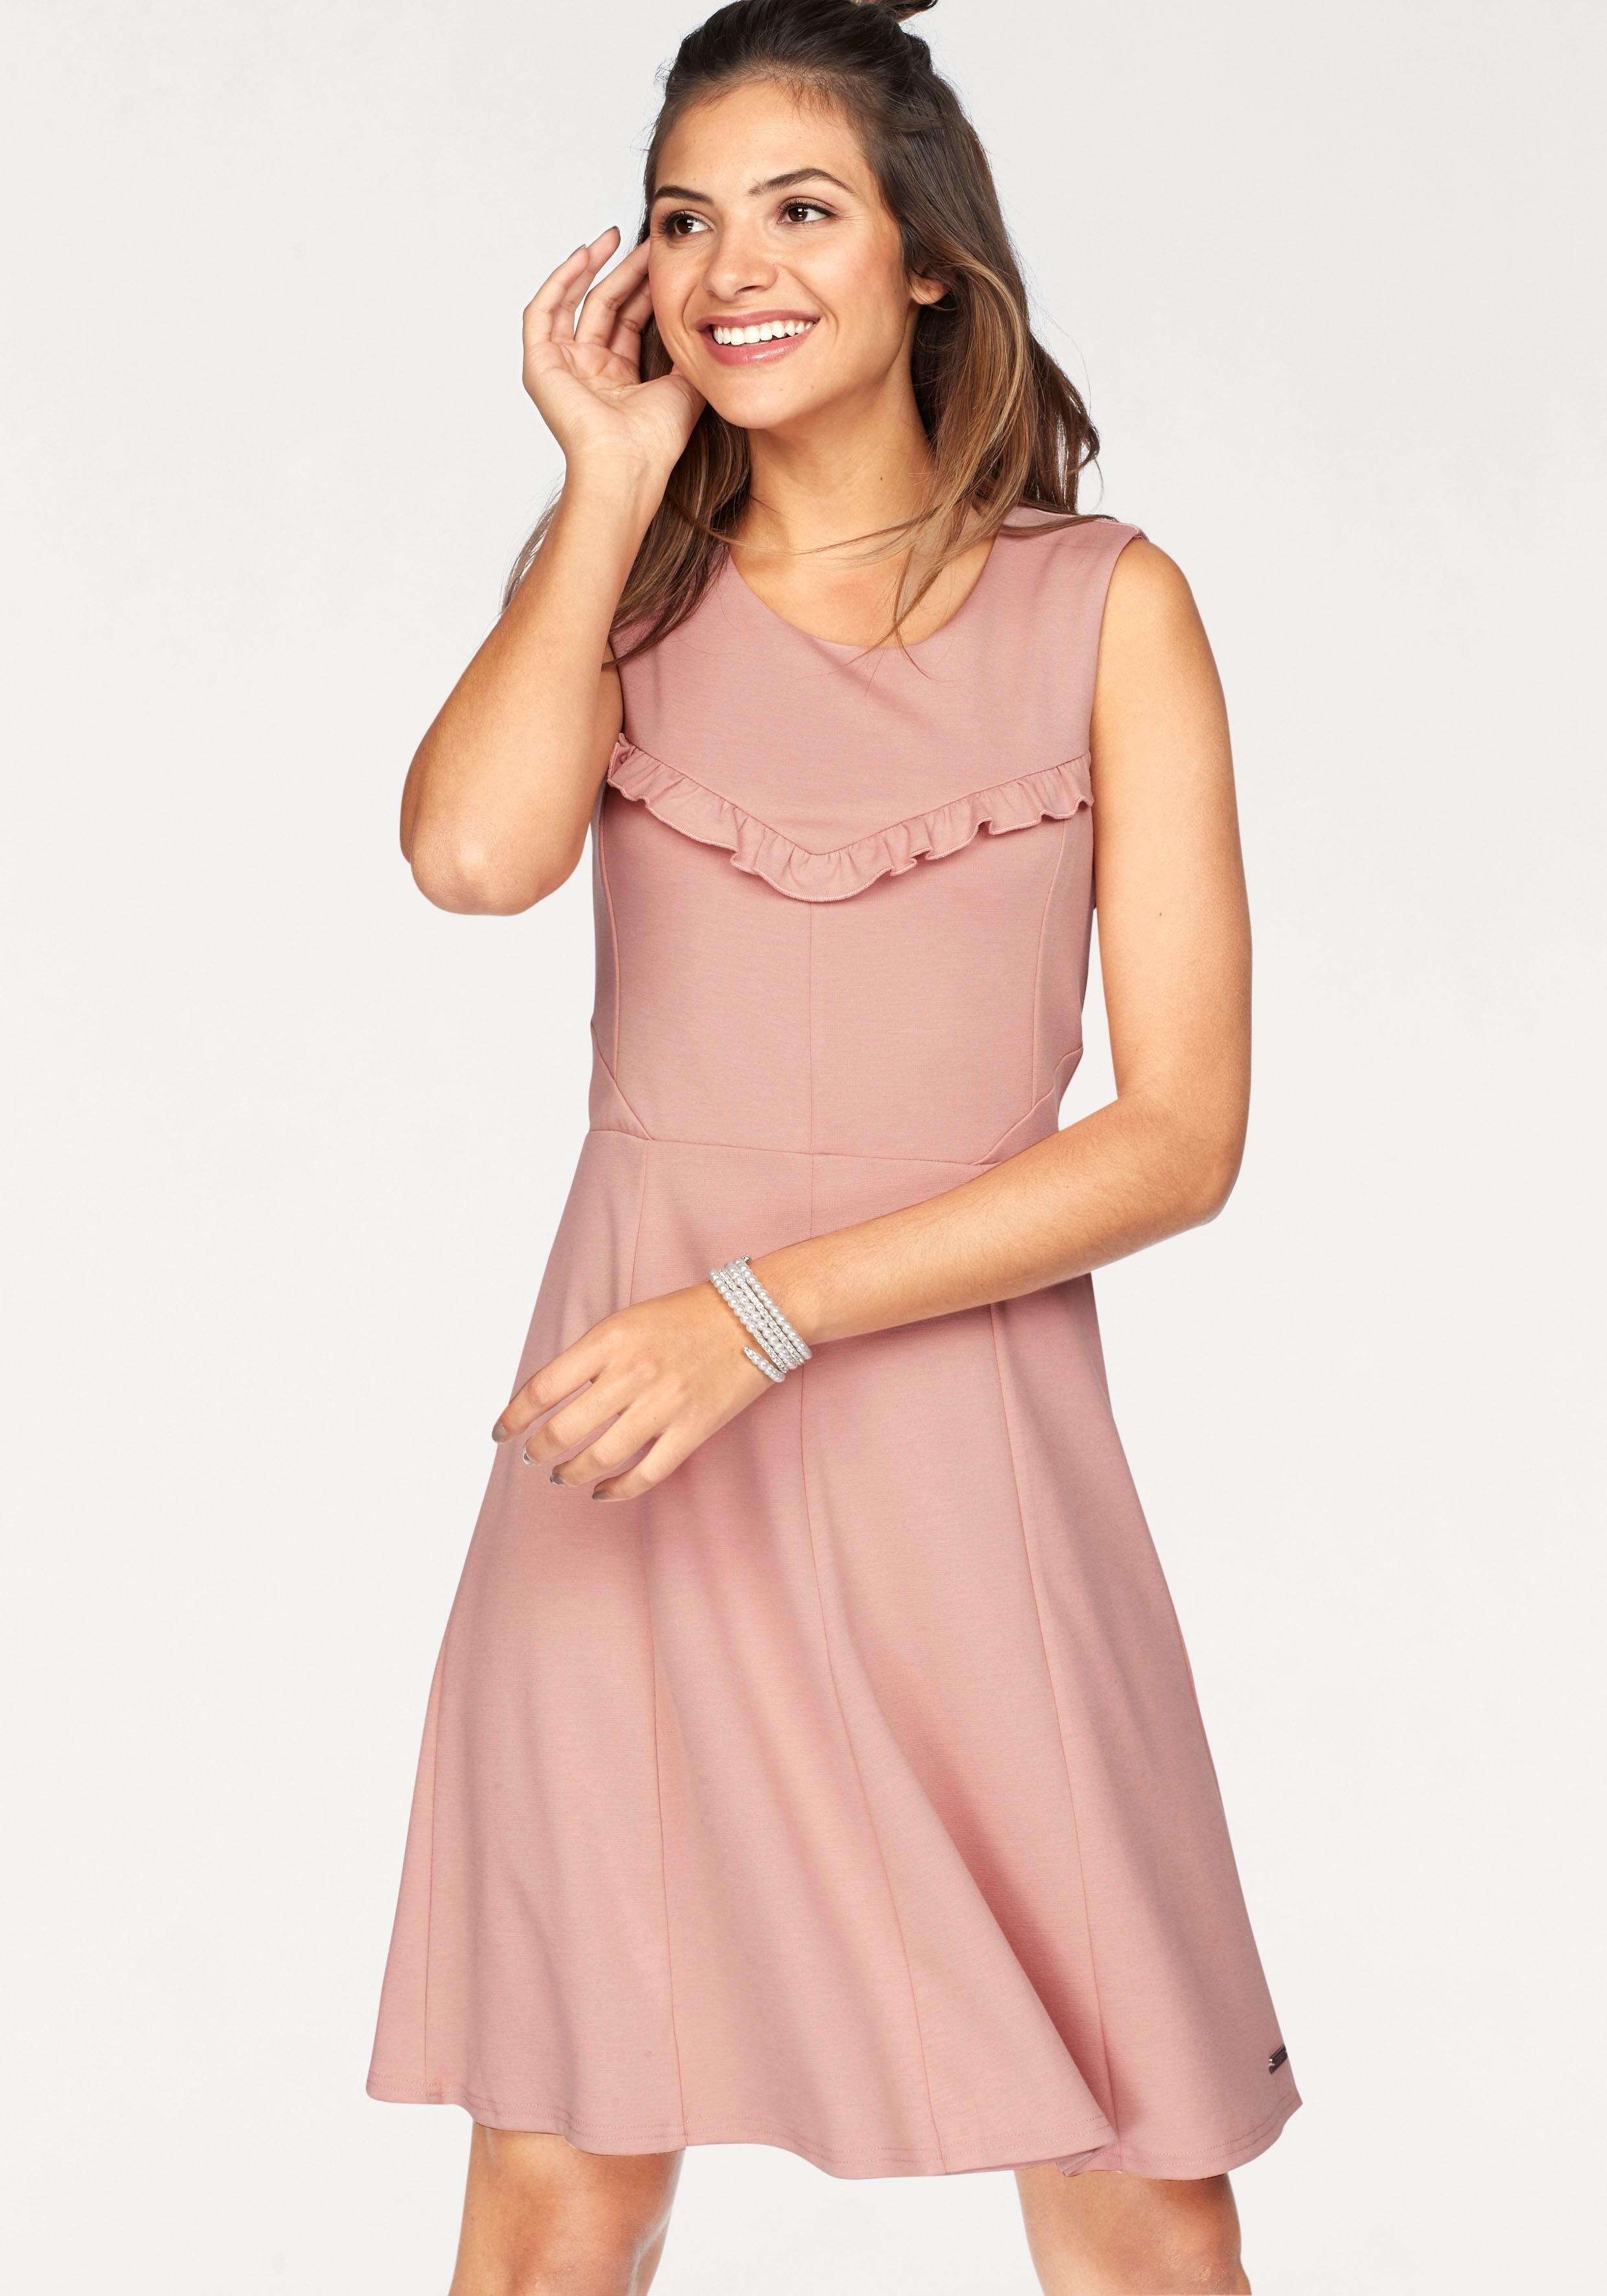 chique kleding dames online